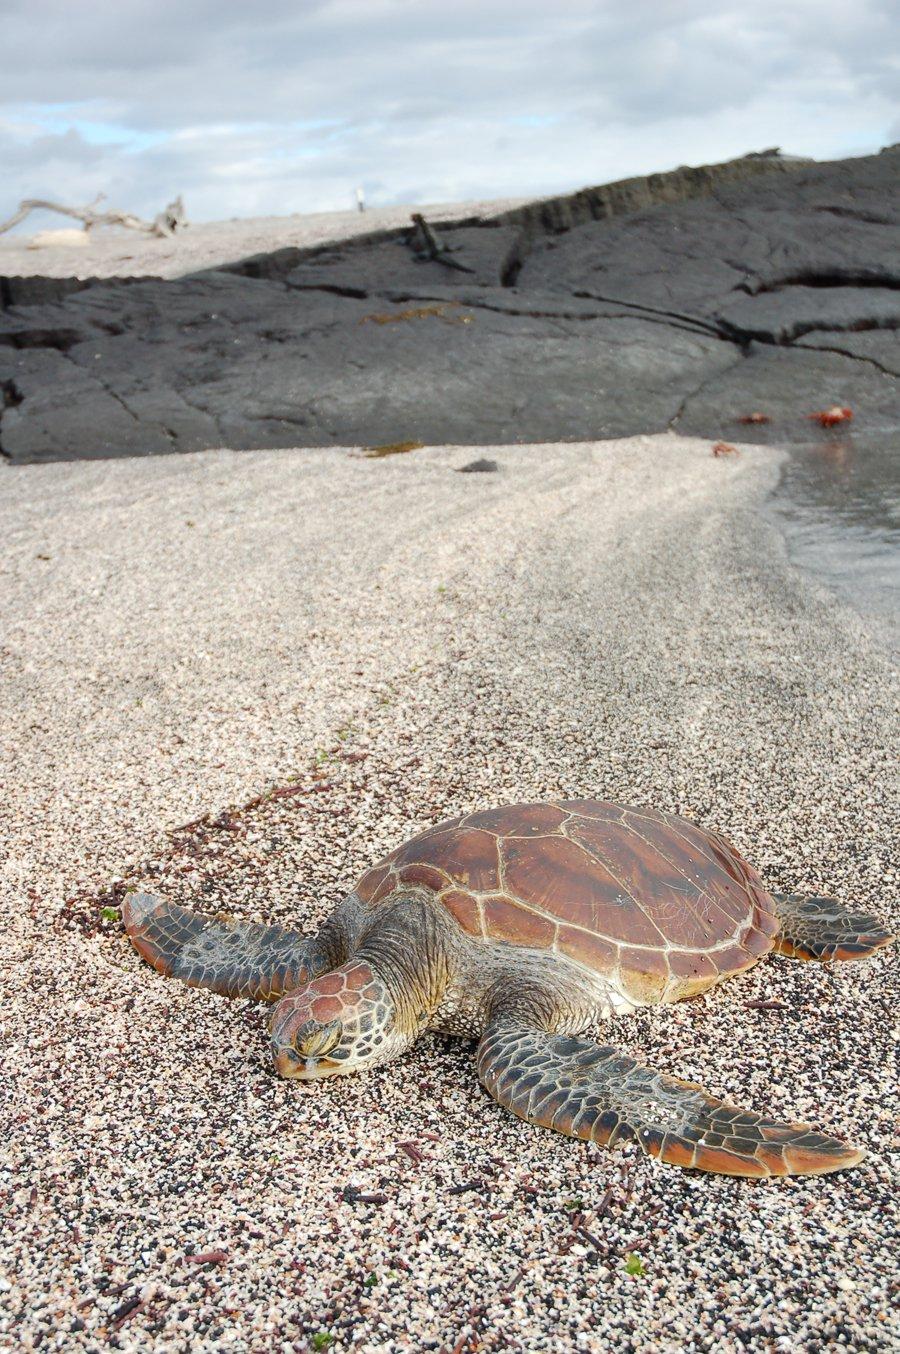 Turtle laid back